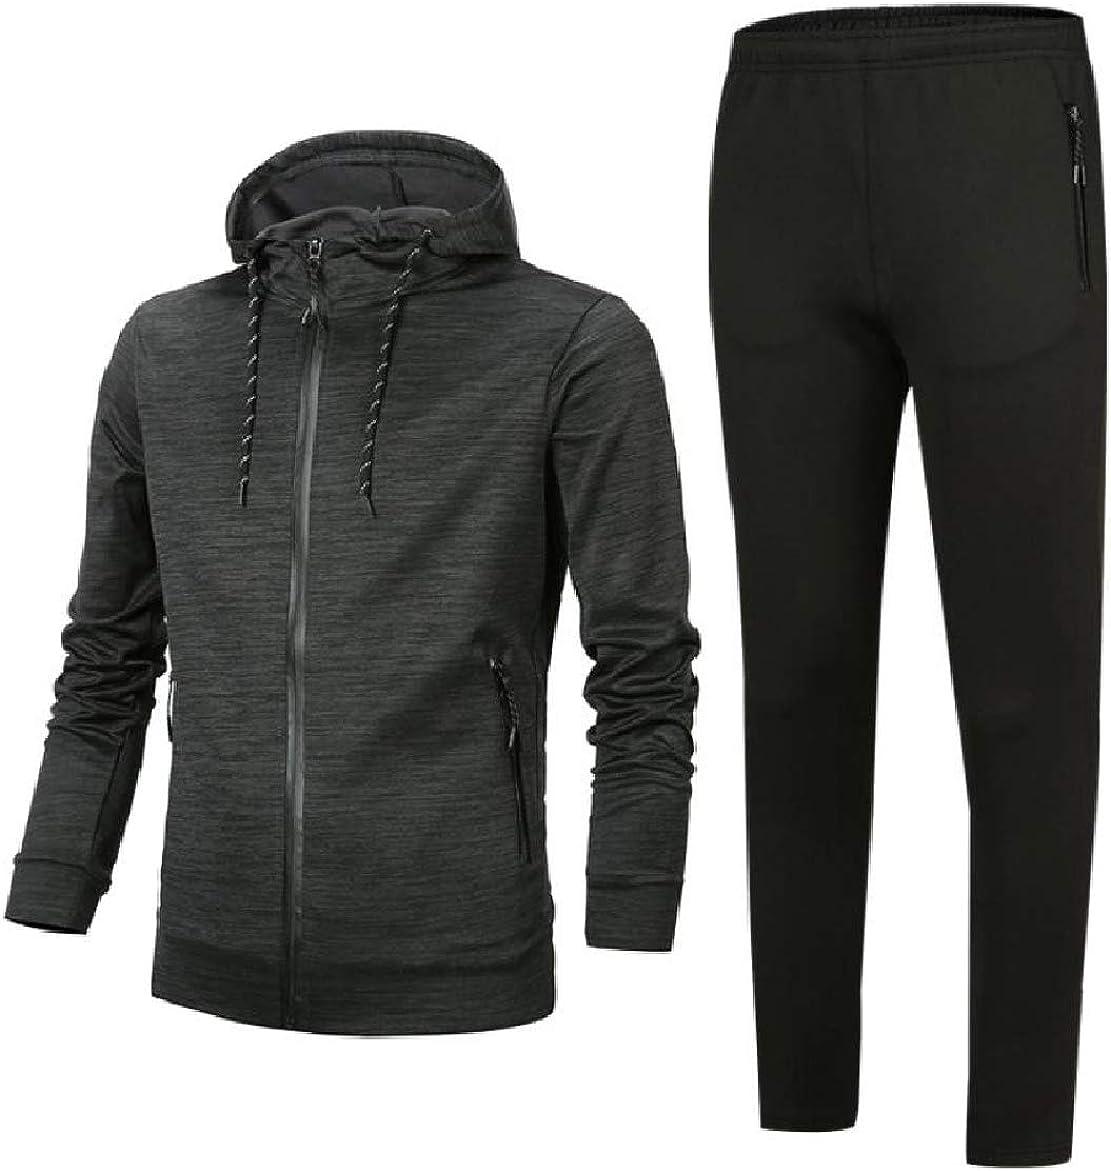 WillingStart Men Hooded Lounge Zips 2pcs Set Pockets Plus Size Sweatsuit